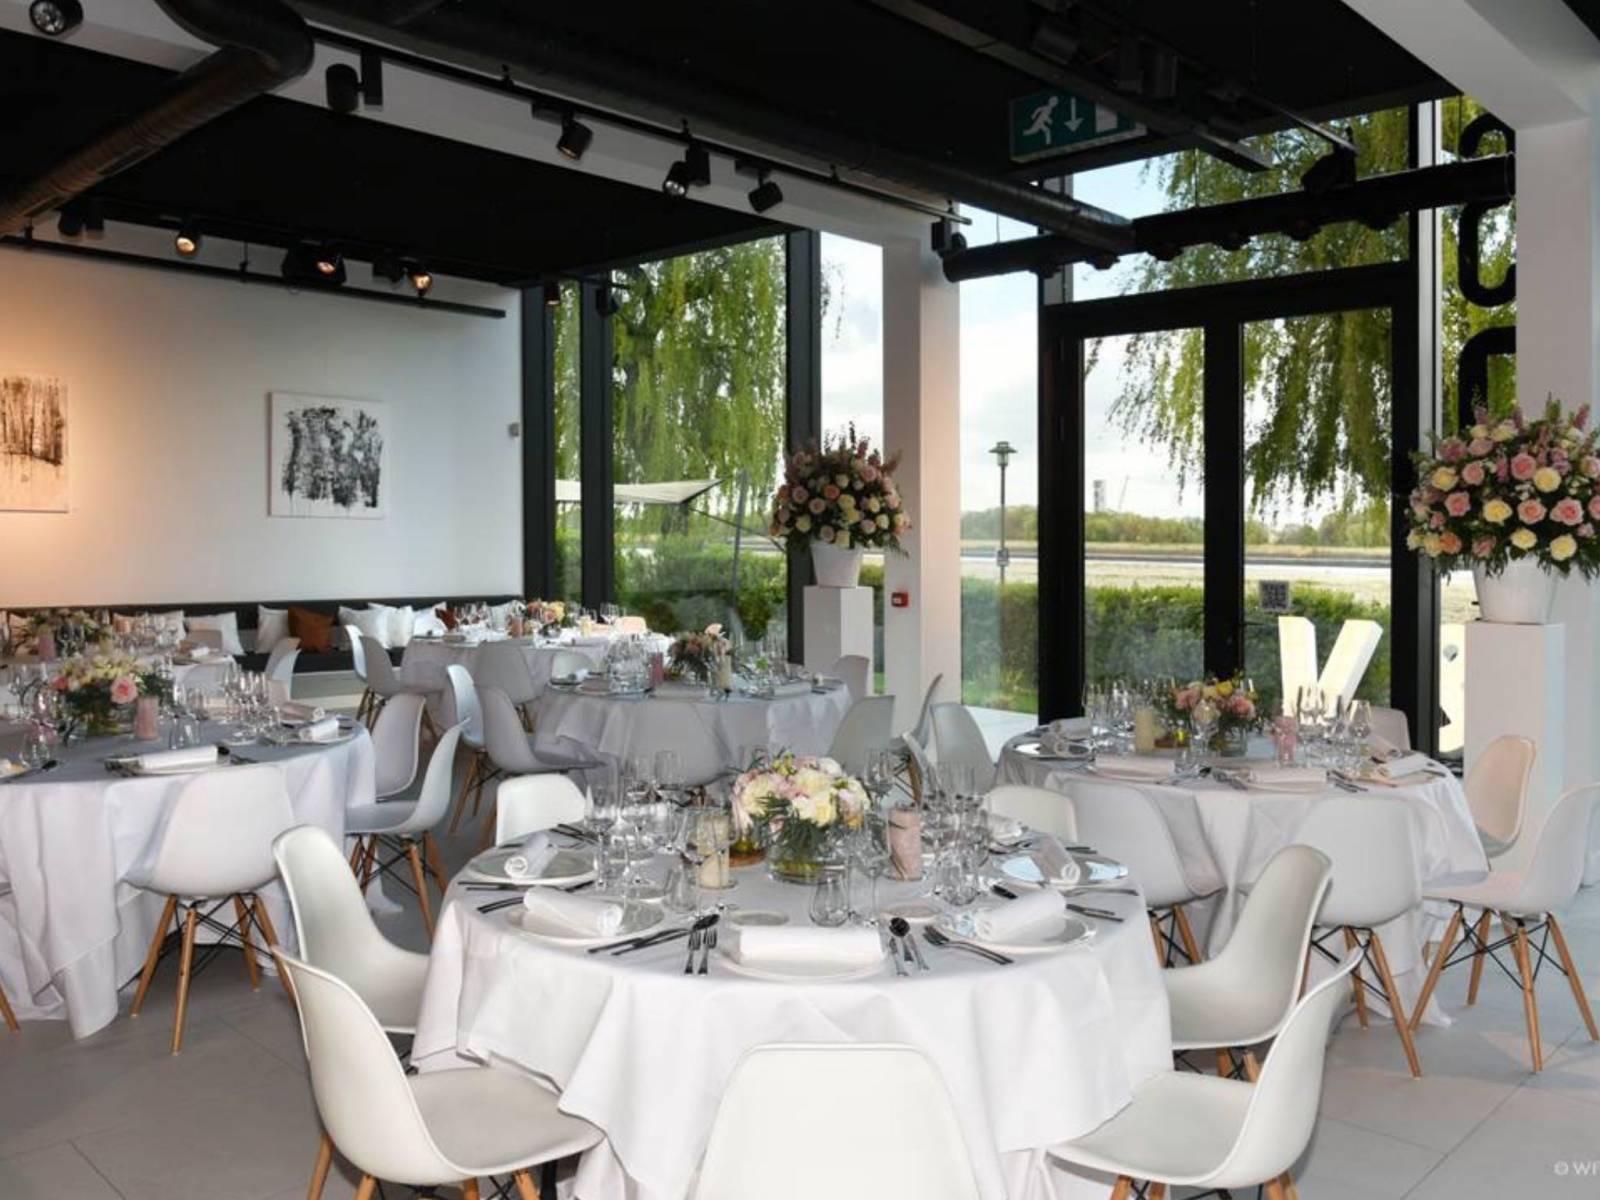 KAS Kunst aan de Stroom - Antwerpen - Feestzaal - Trouwzaal - House of Weddings - 13